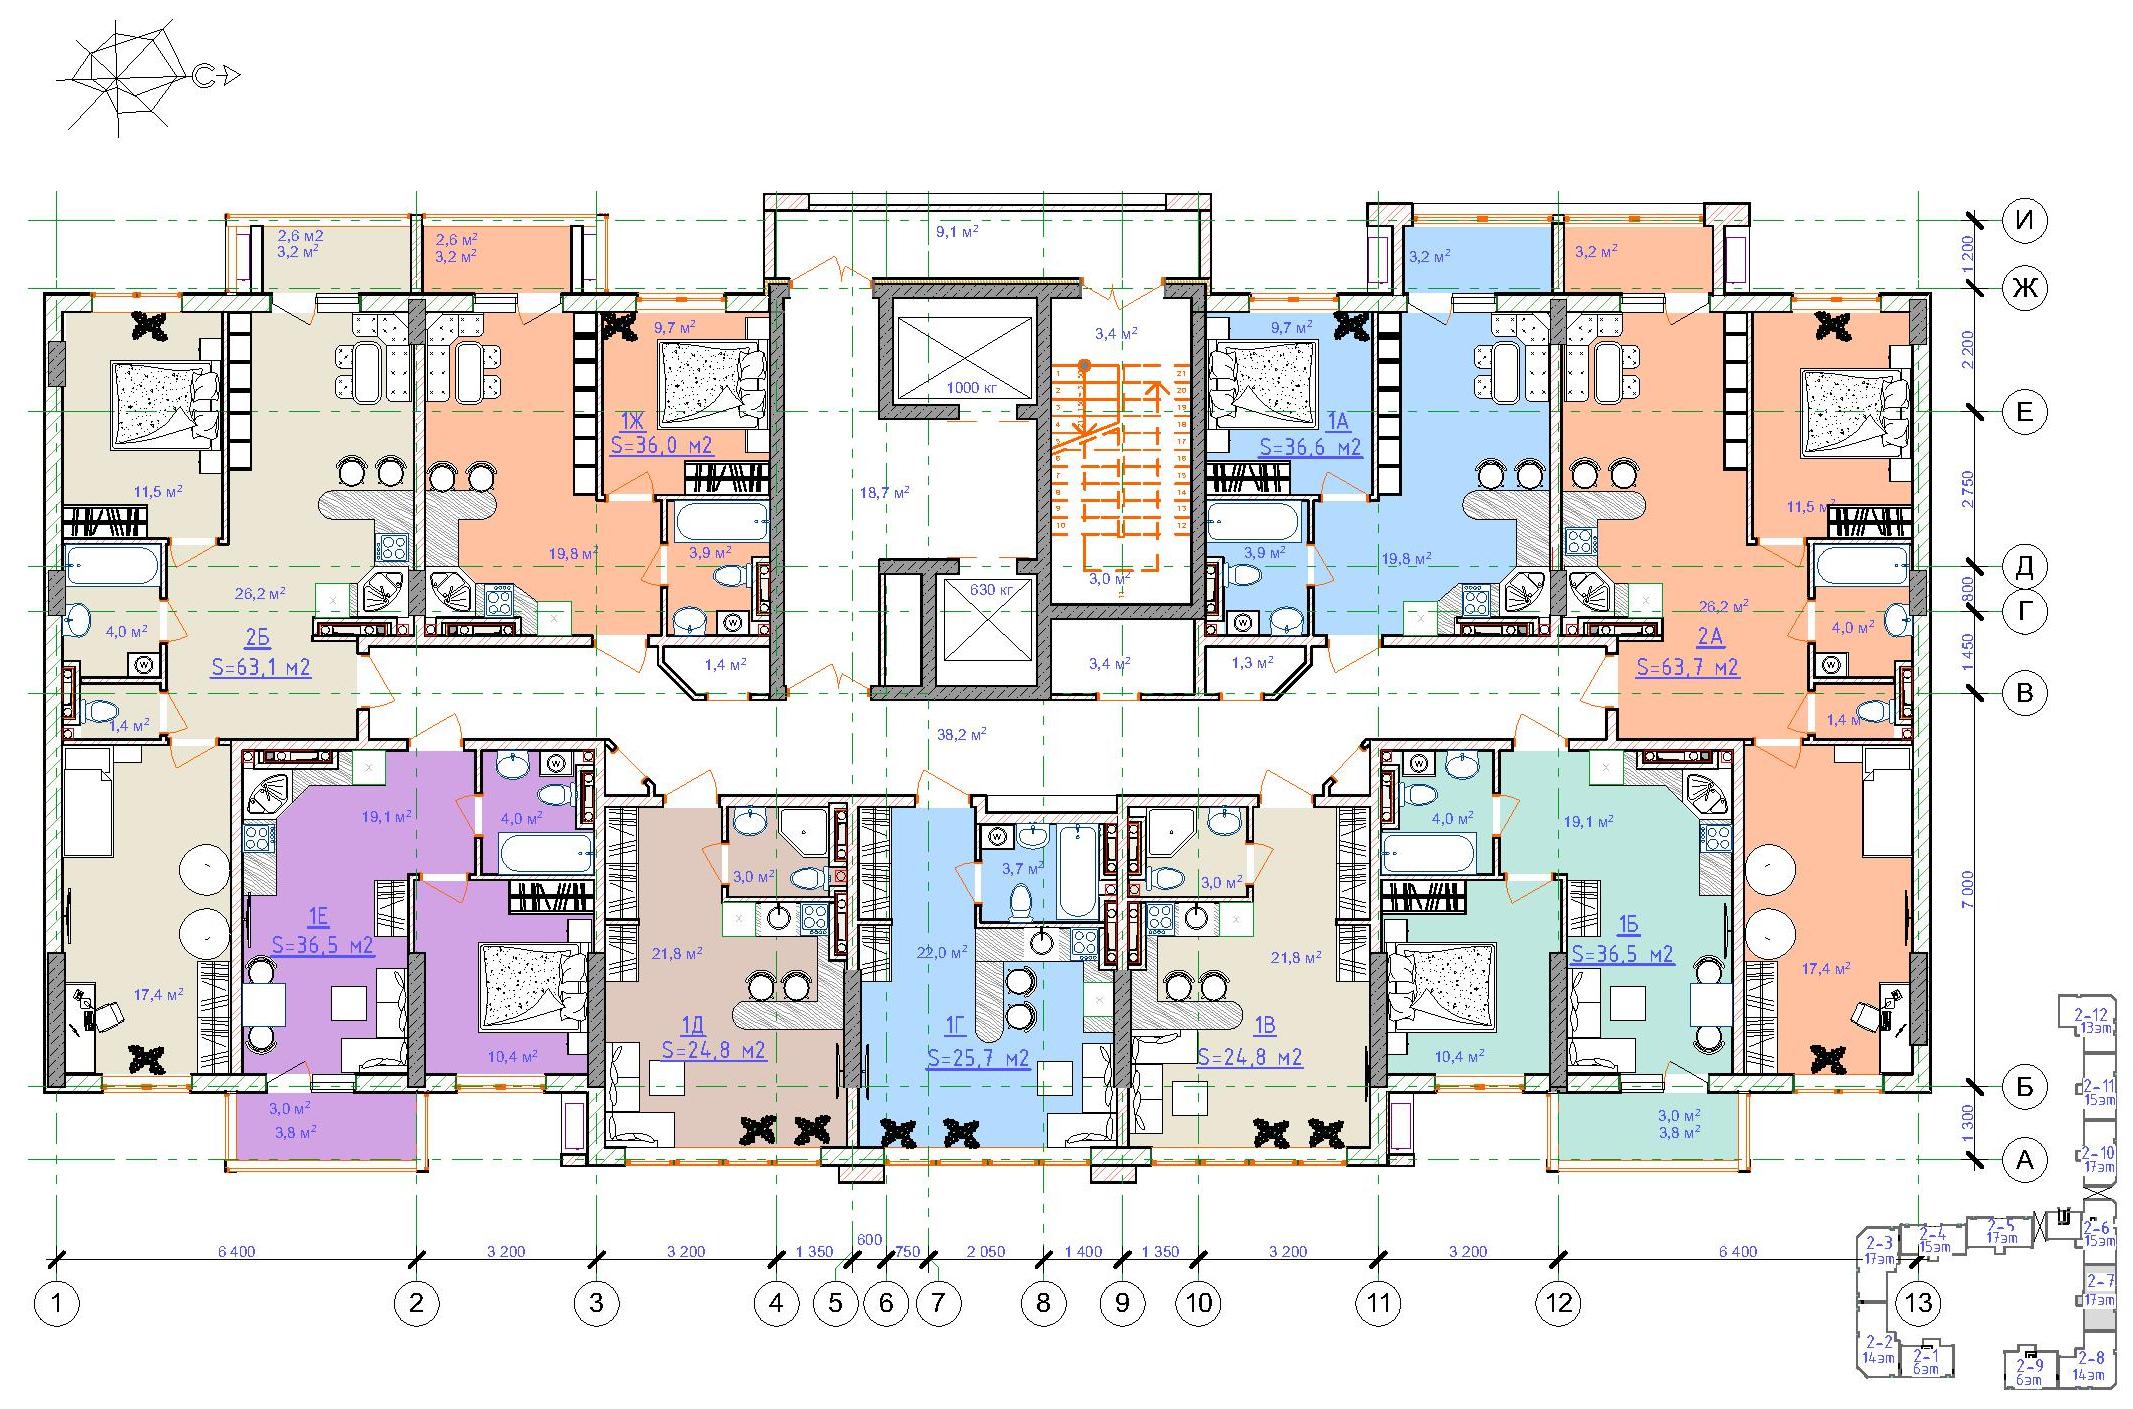 ЖК Таировские сады / Дом №2 / Секция 7 / План 3-5 этажей